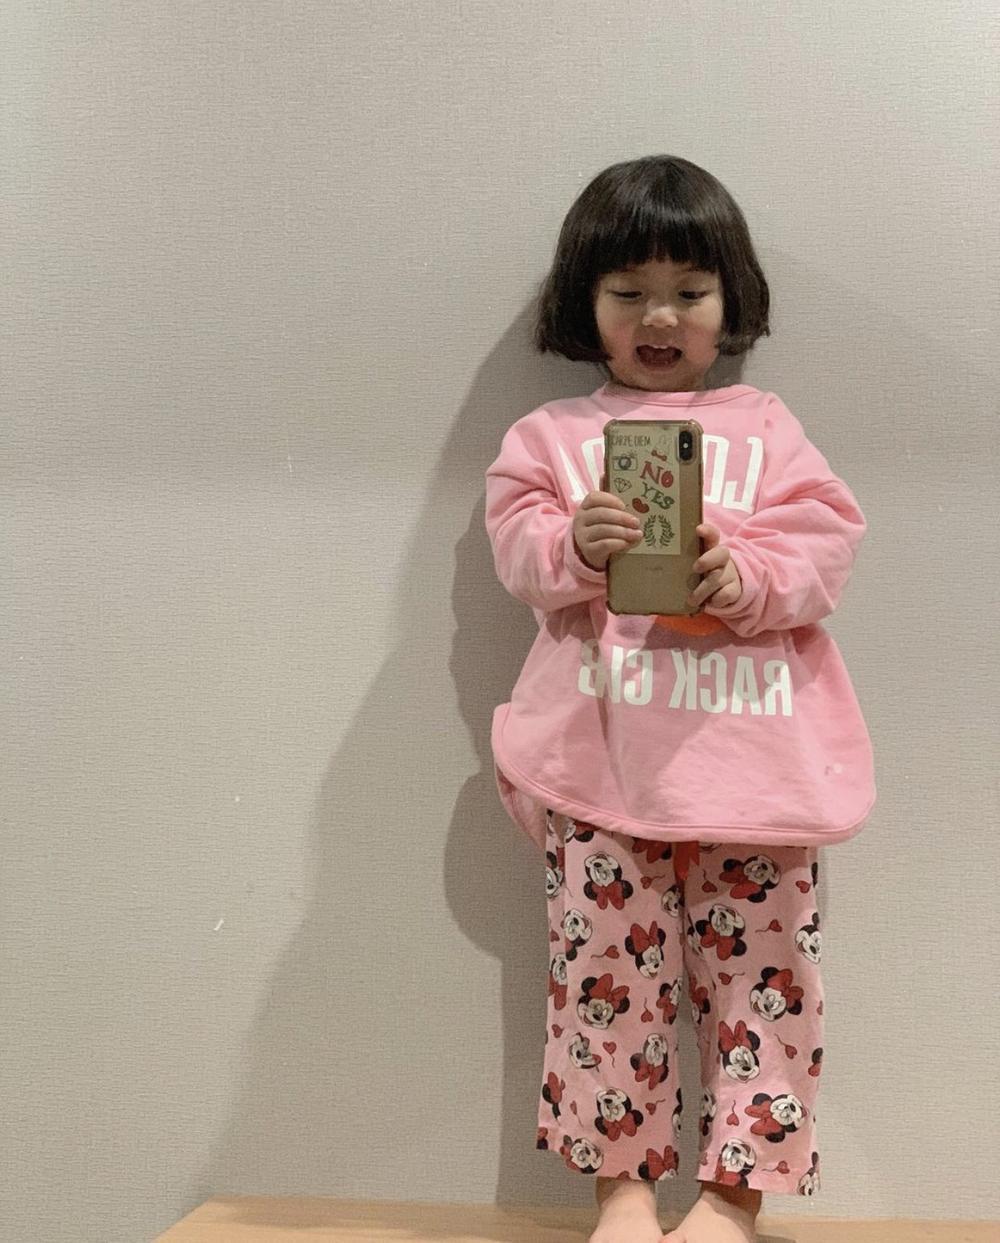 Bé gái 'thích ăn vạ' nổi như cồn khi chụp ảnh cùng bố mẹ, lộ profile khủng với cả triệu lượt theo dõi Ảnh 9